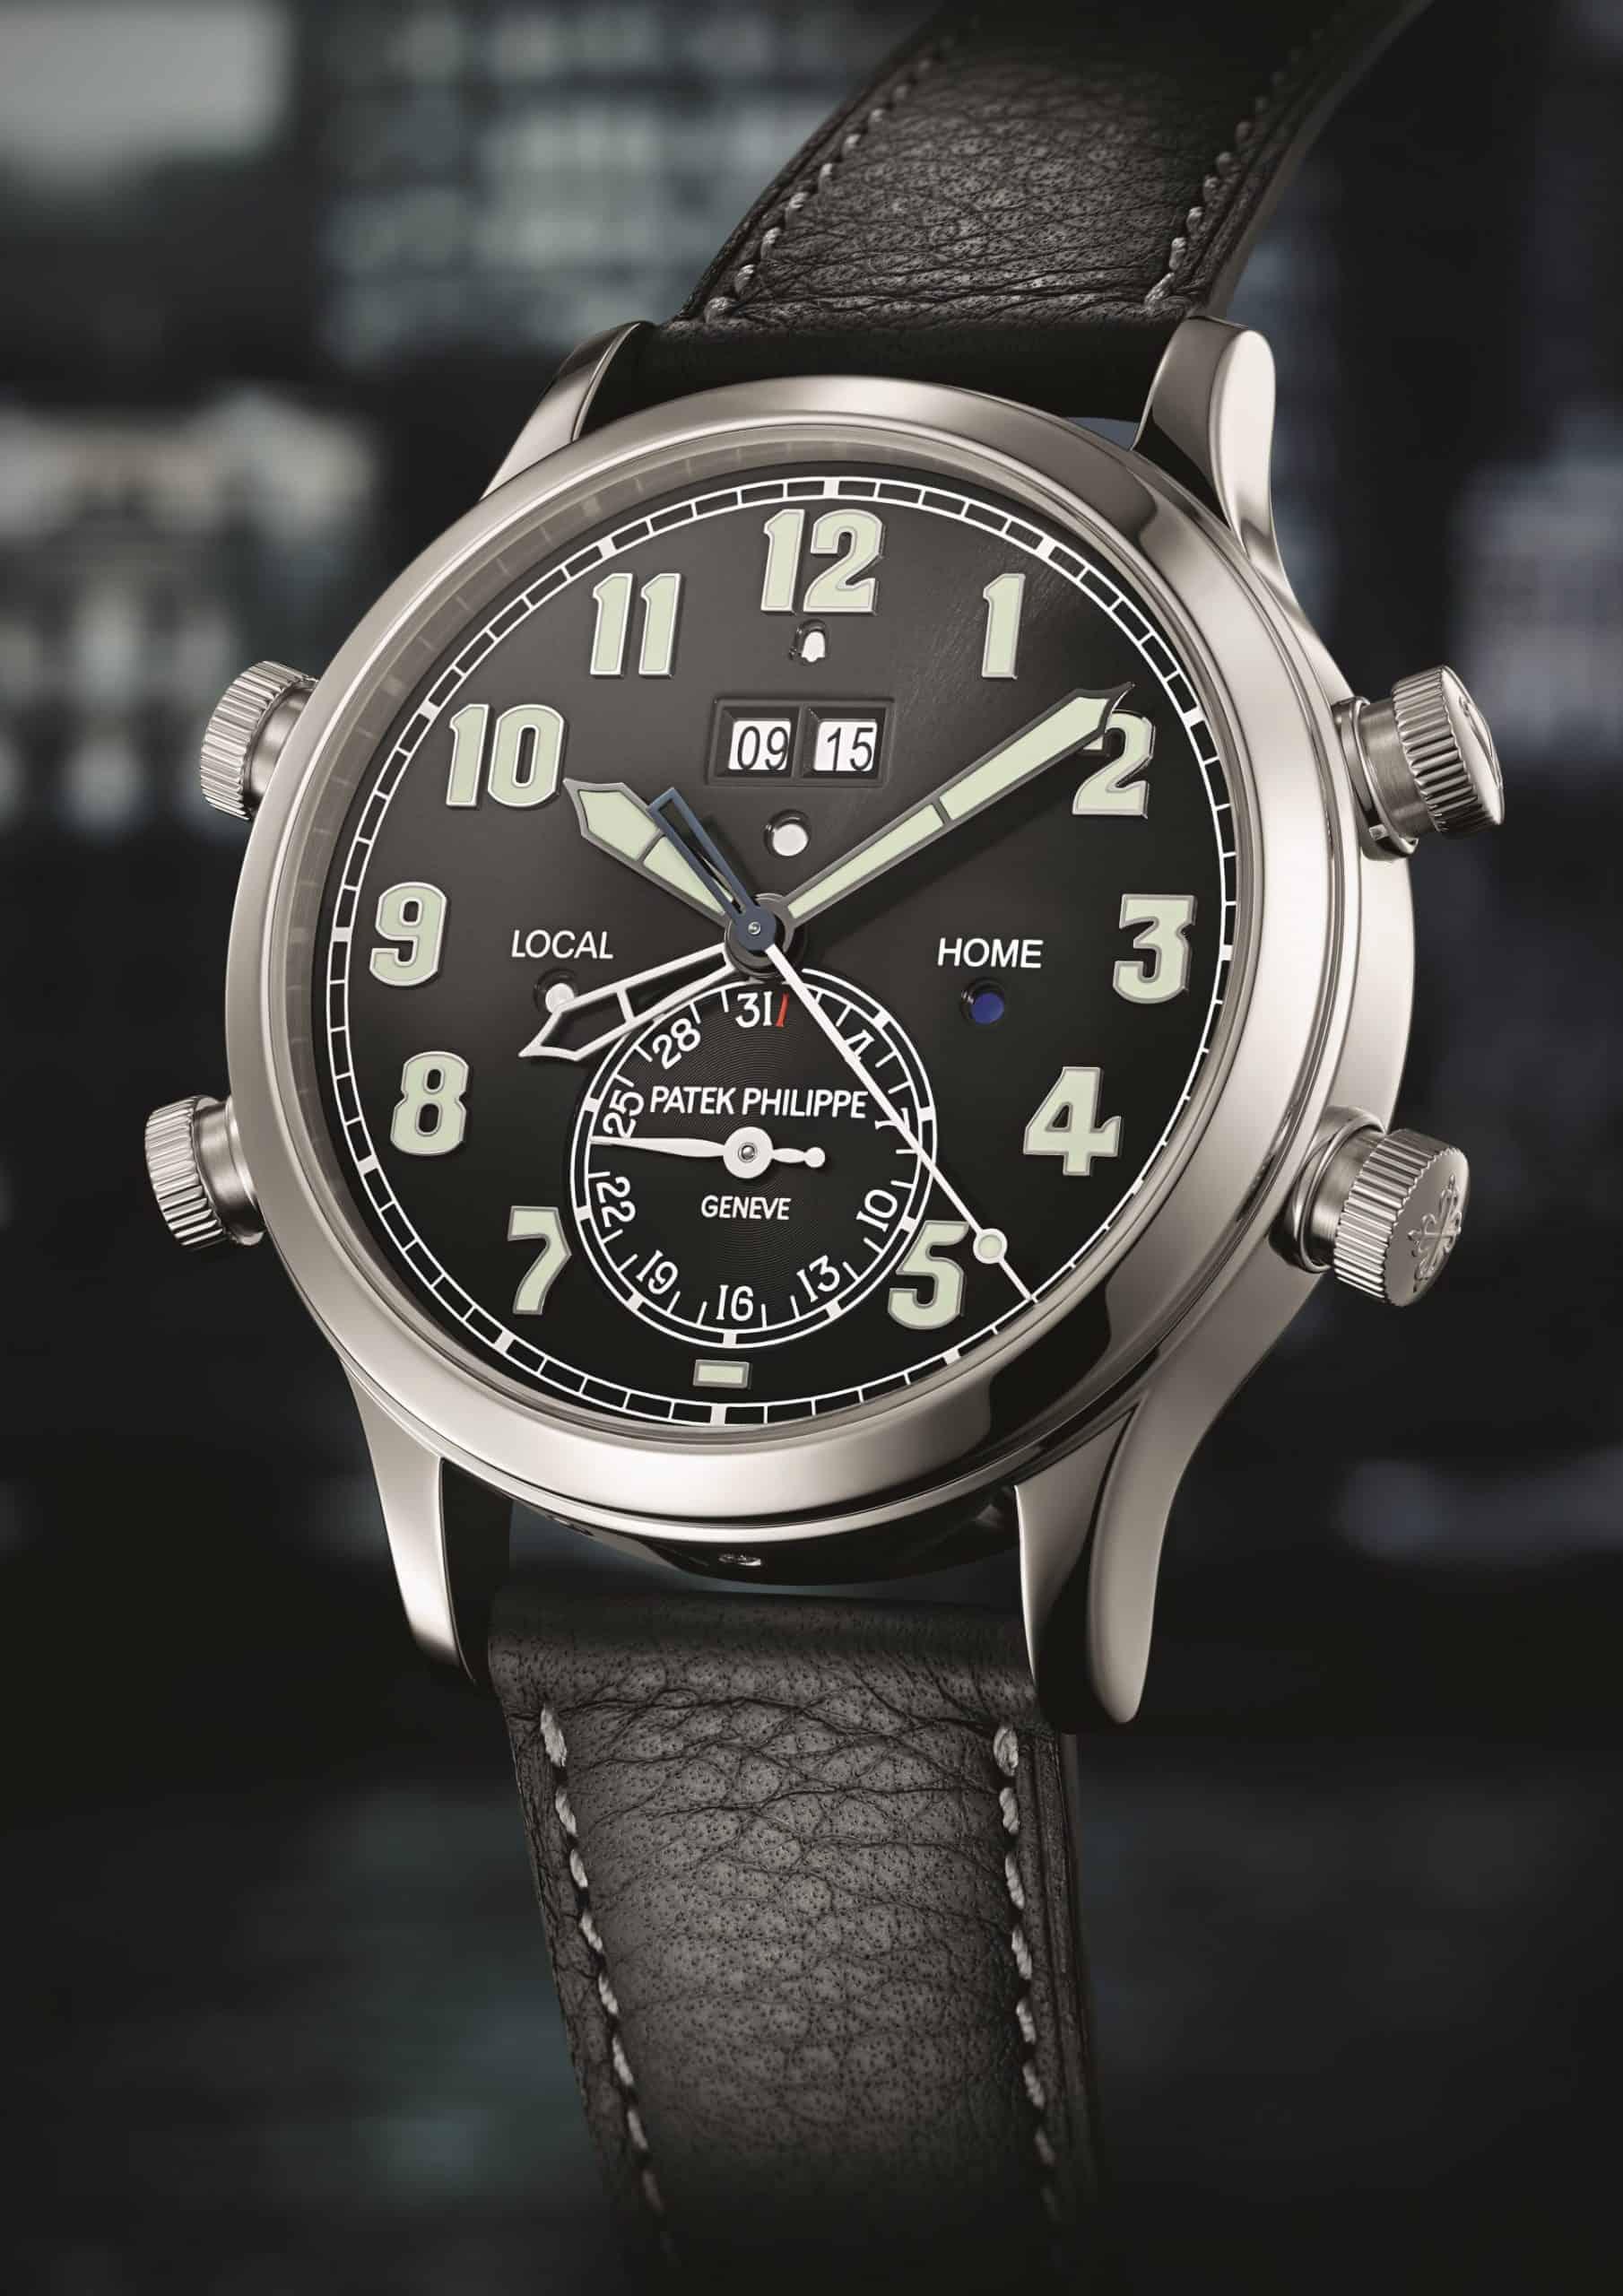 Gesucht : Aufwendige Uhren wie die Patek Philippe Alarm Travel Time Referenz 5520